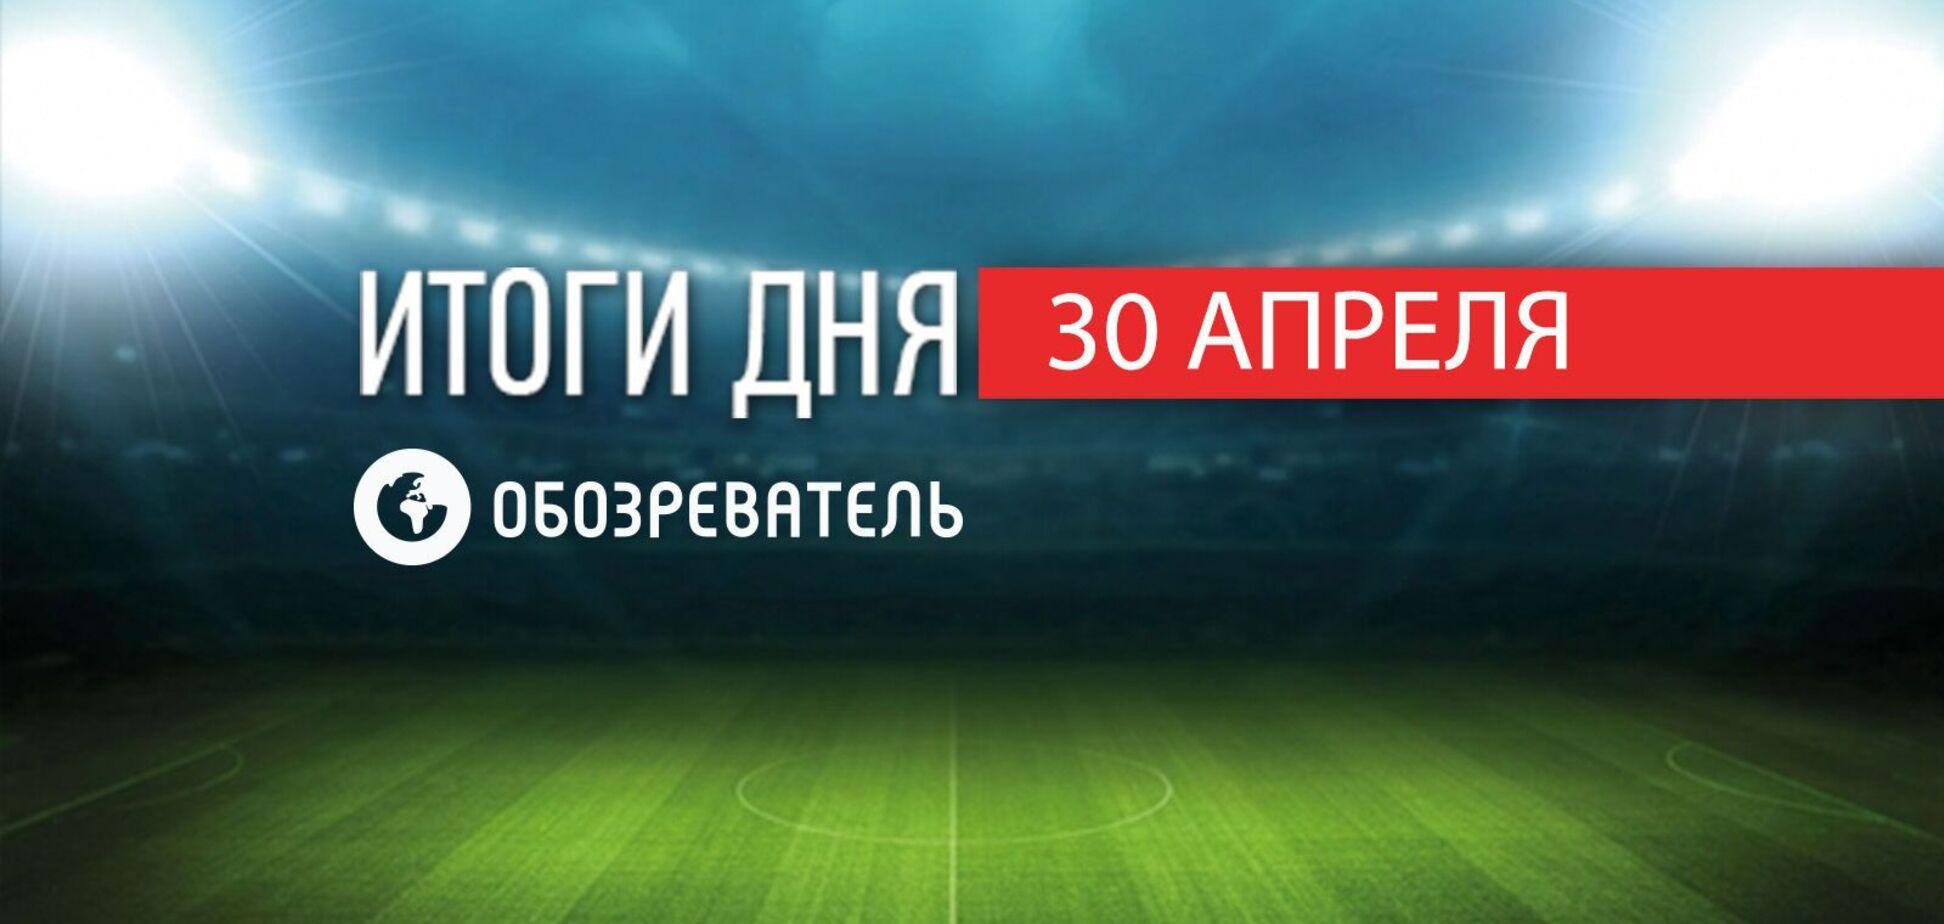 Шевченко розповів про смерть всіх друзів: спортивні підсумки 30 квітня